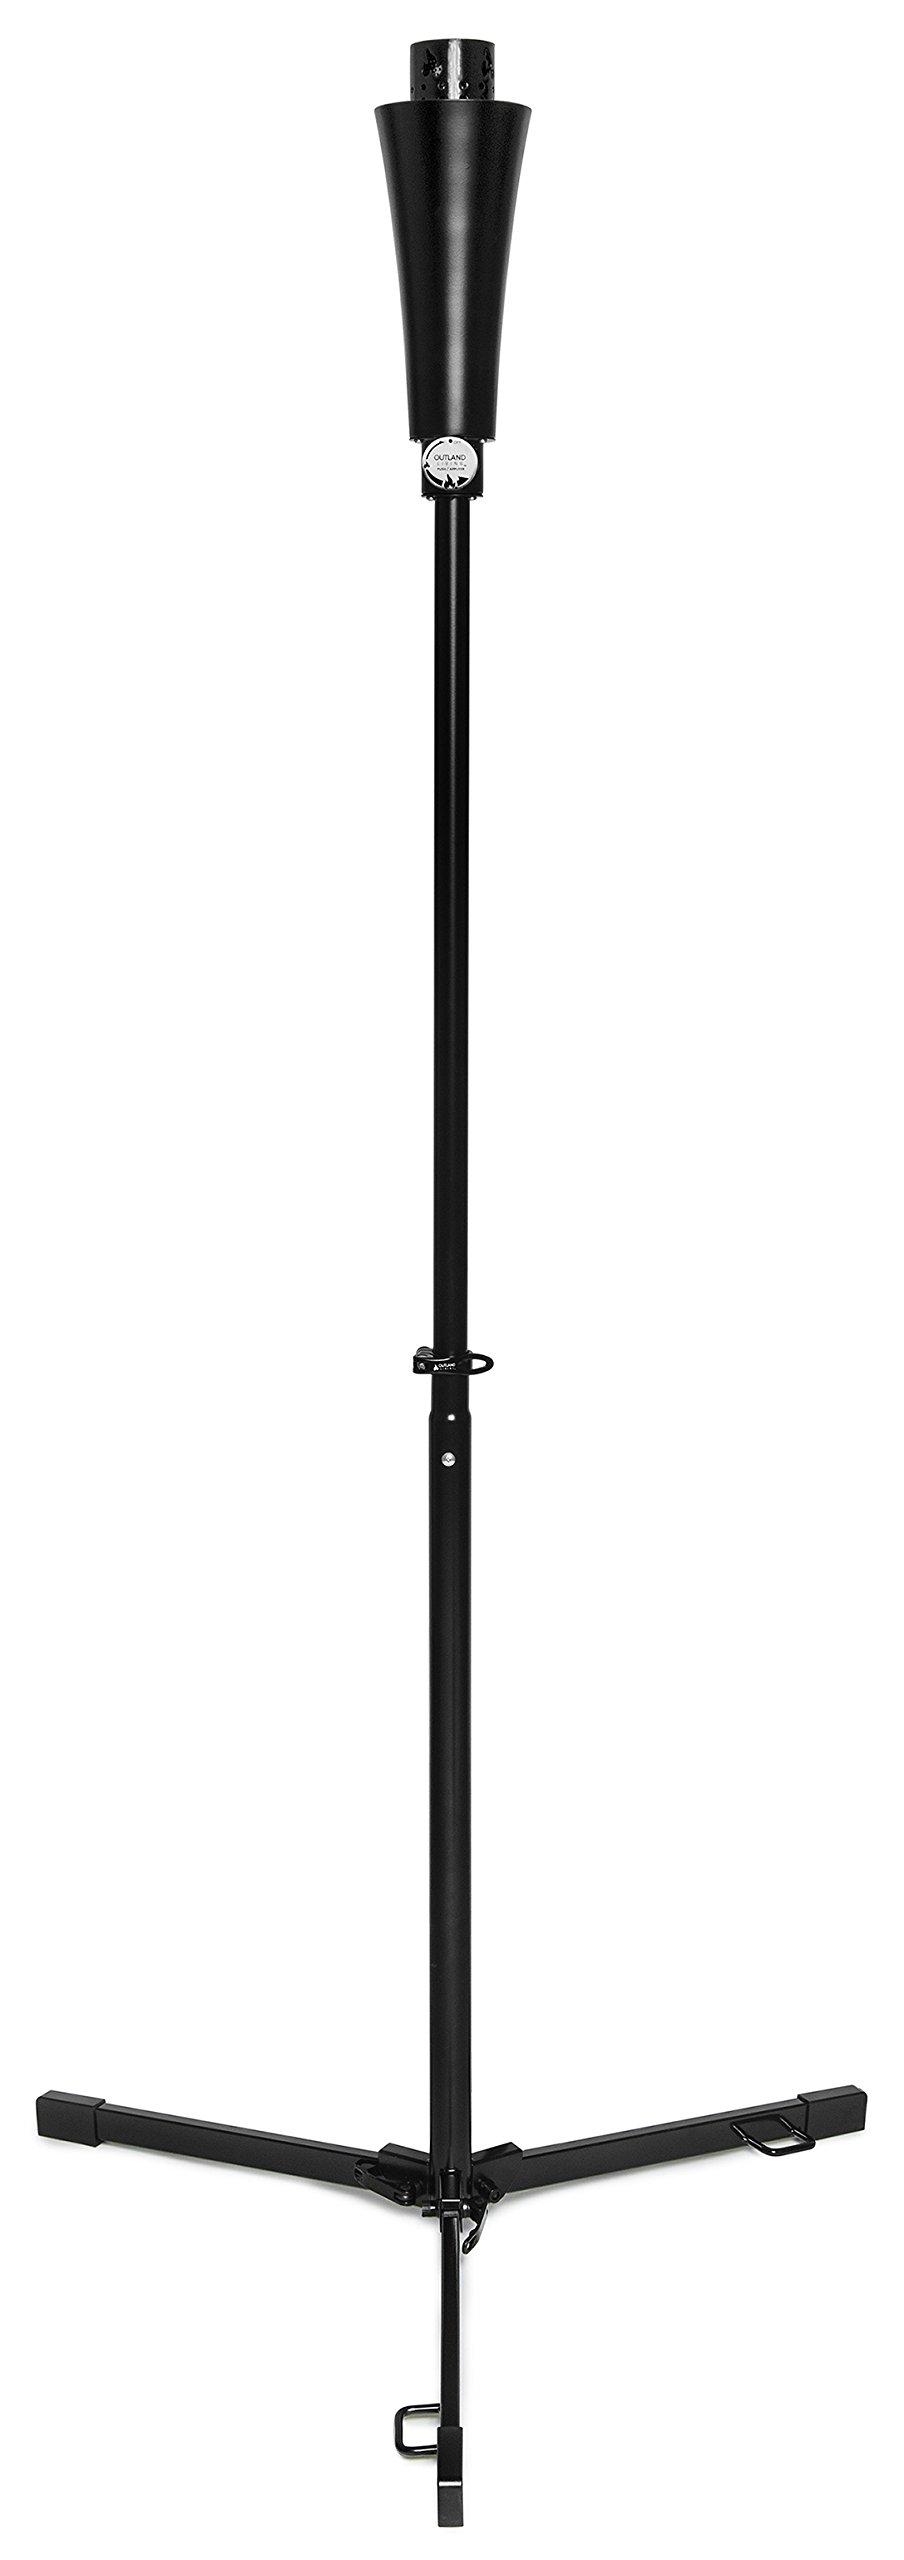 Outland Tonga 71-Inch Portable Propane Gas Outdoor Torch - for Backyard Garden Patio Deck, 7,000 BTU